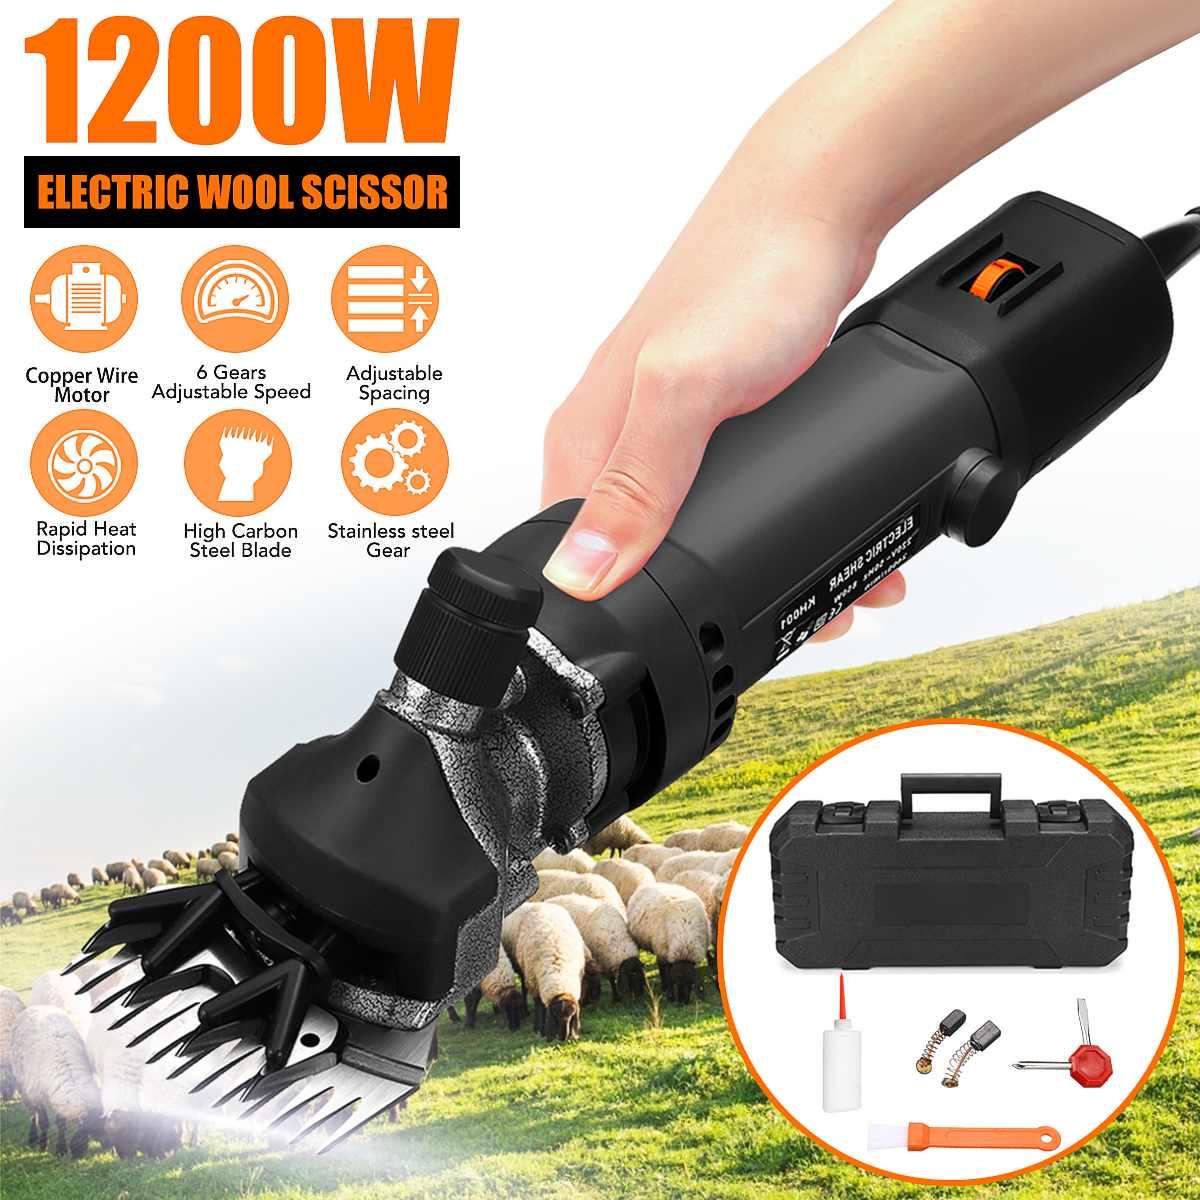 1200 Вт 6 передач, электрическая для стрижки овец, резак из козьей шерсти, инструмент для регулировки бритья, мощный инструмент для стрижки